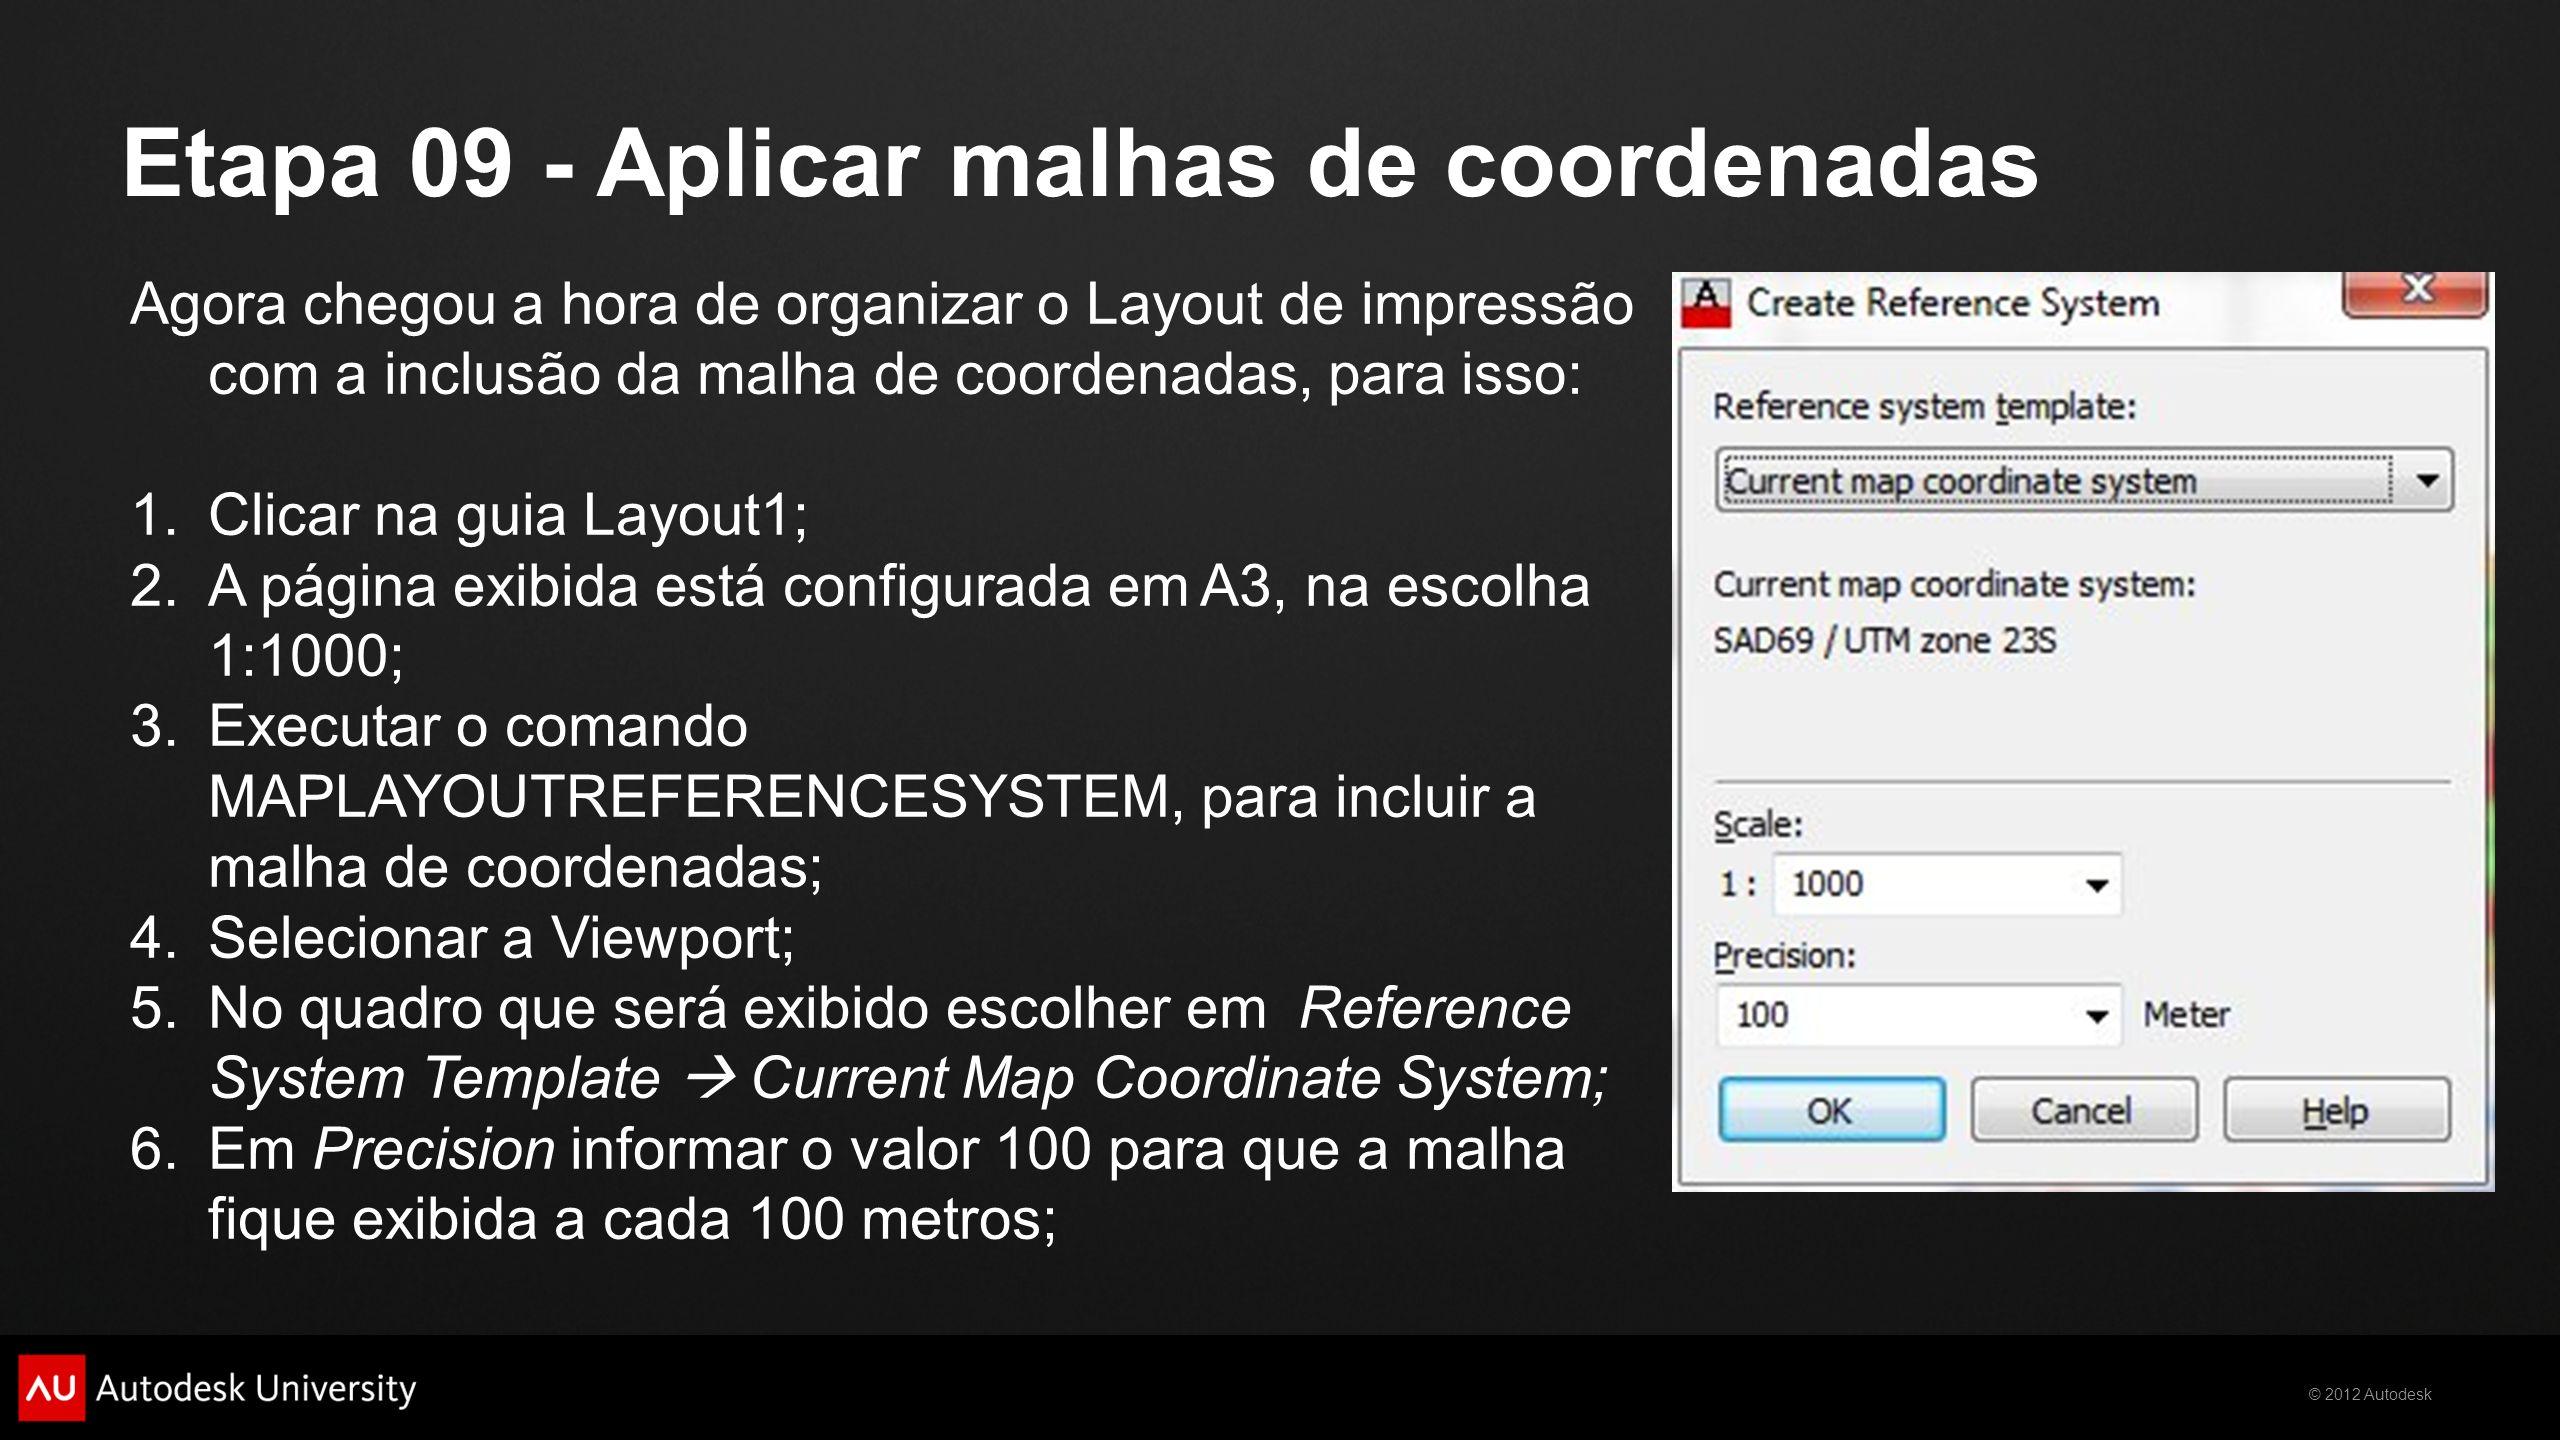 © 2012 Autodesk Etapa 09 - Aplicar malhas de coordenadas Agora chegou a hora de organizar o Layout de impressão com a inclusão da malha de coordenadas